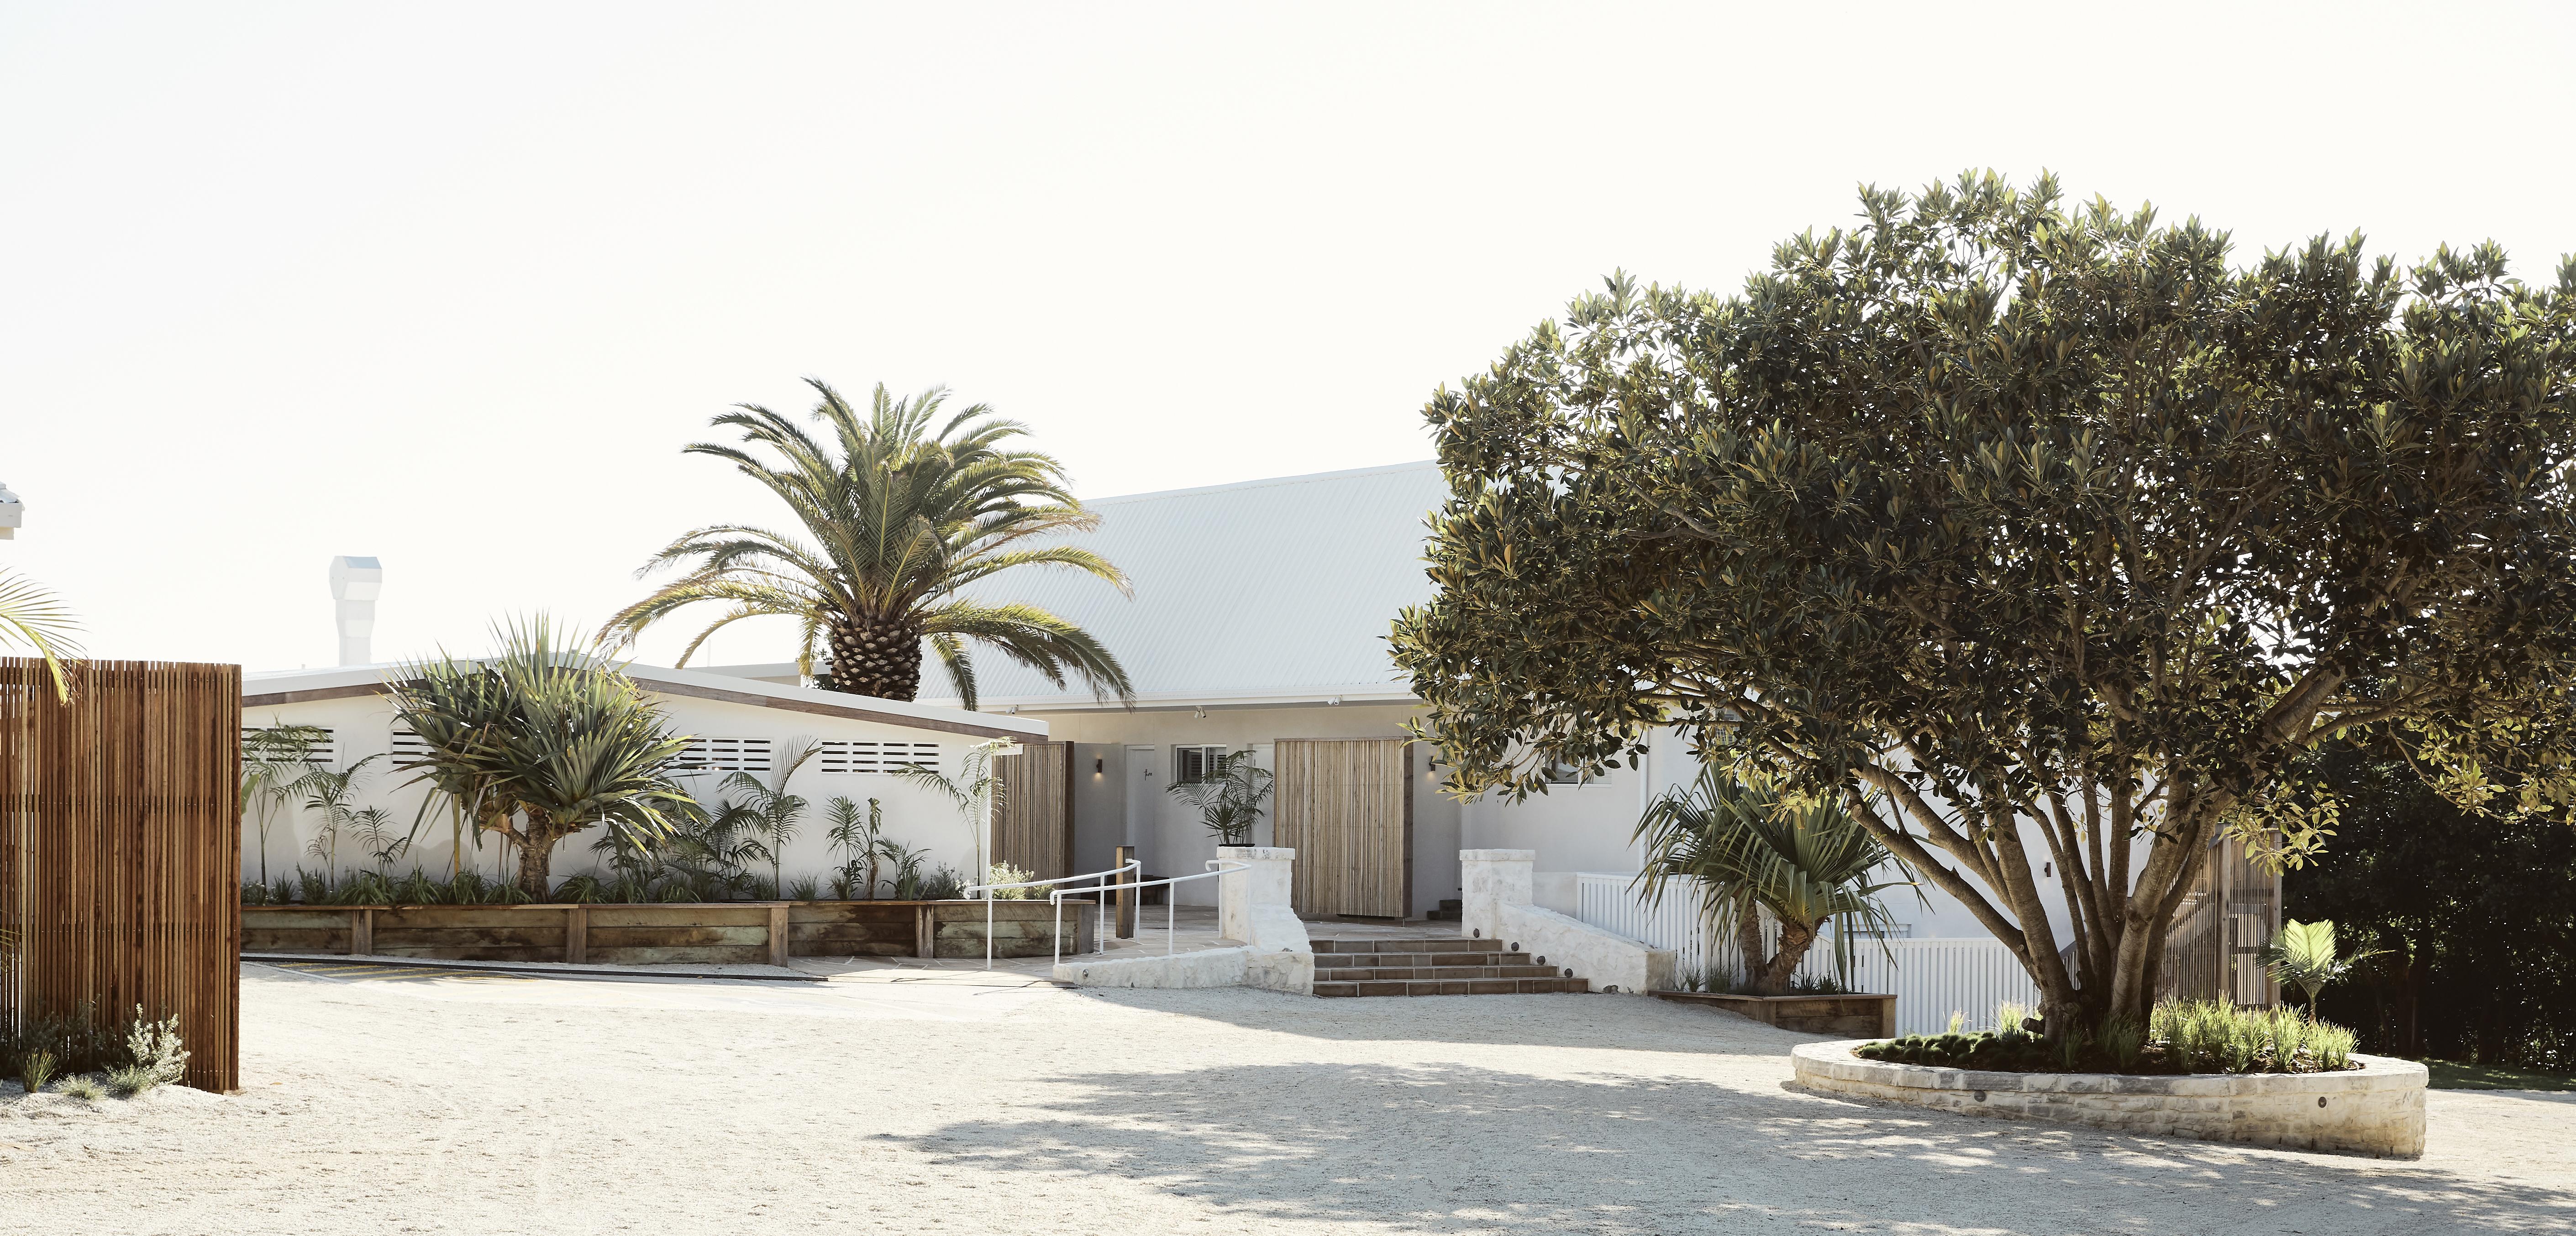 Beach house25860